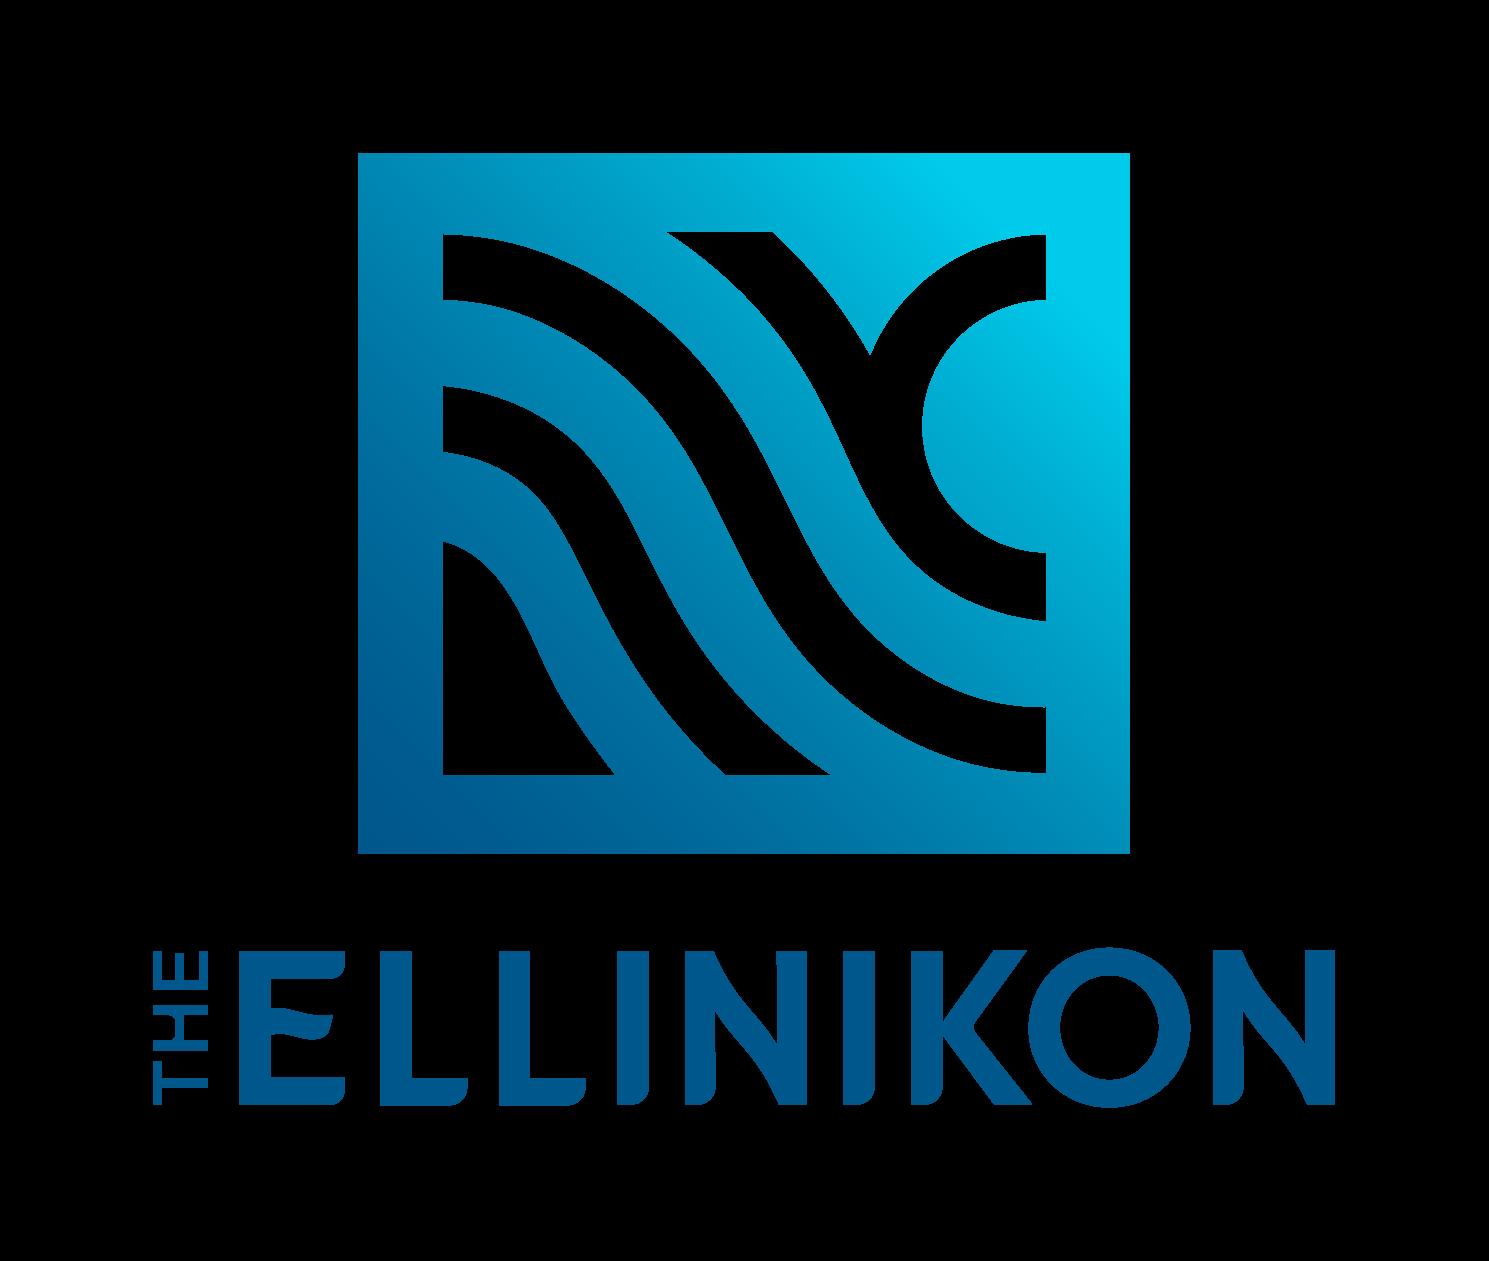 the-ellinikon-i-lamda-development-paroysiazei-to-logotypo-toy-ellinikoy0